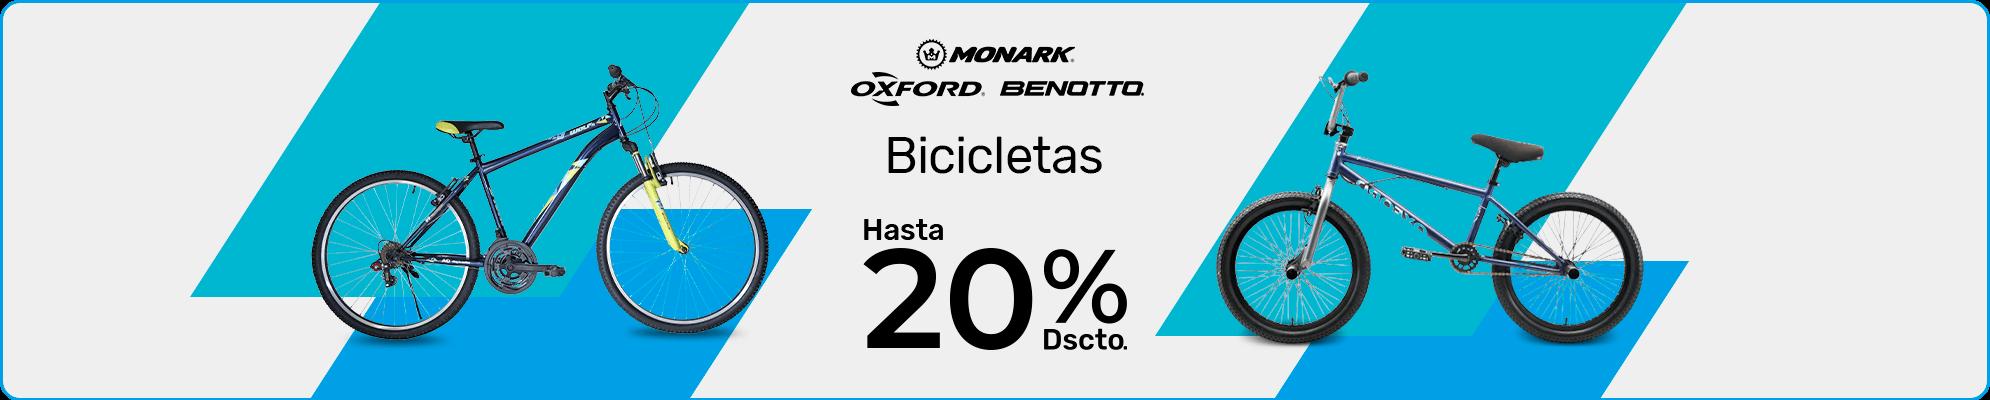 Banner Bicicletas